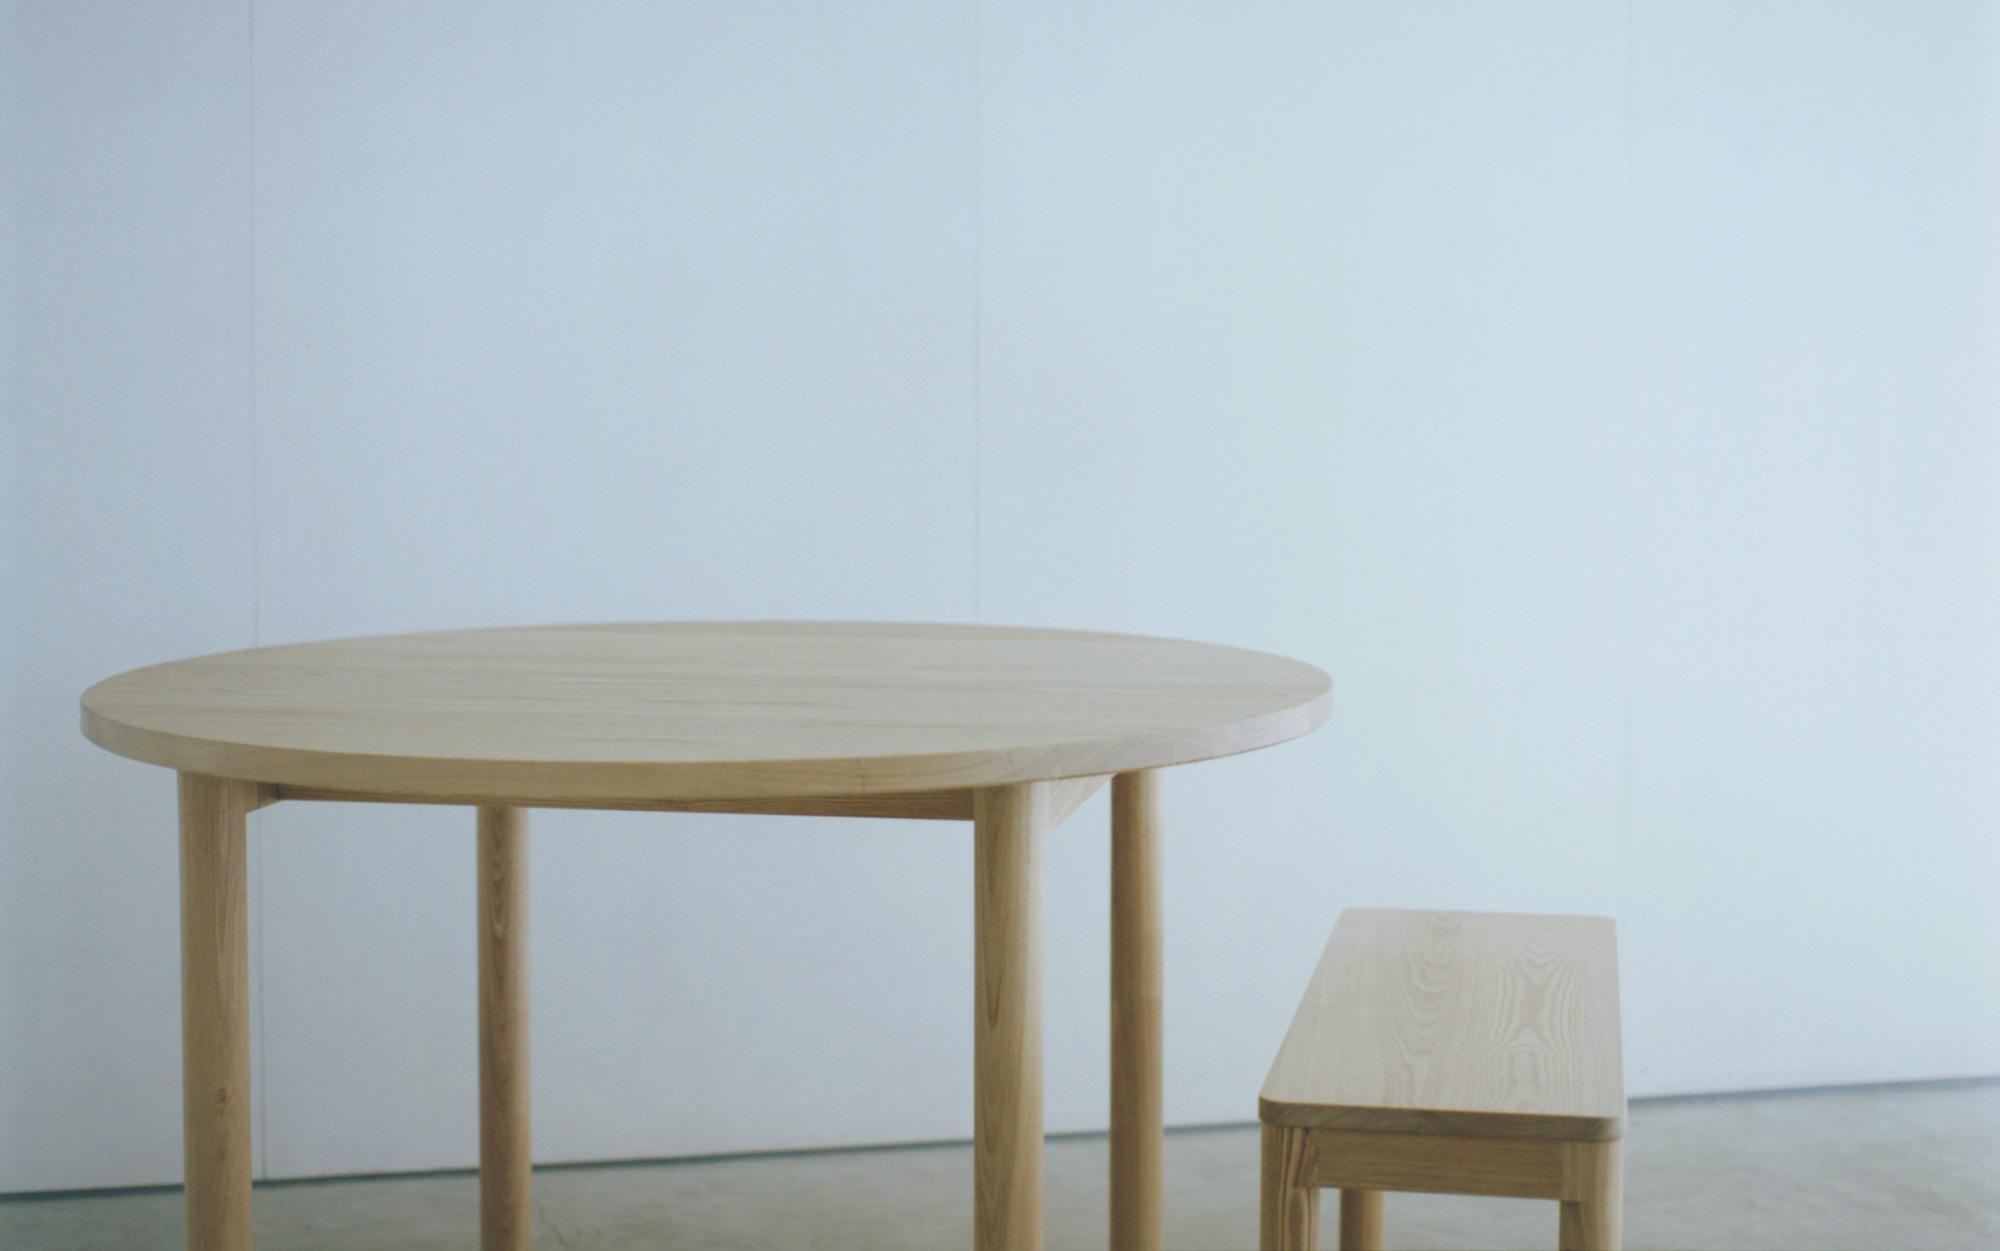 WOODWORKの木のテーブル